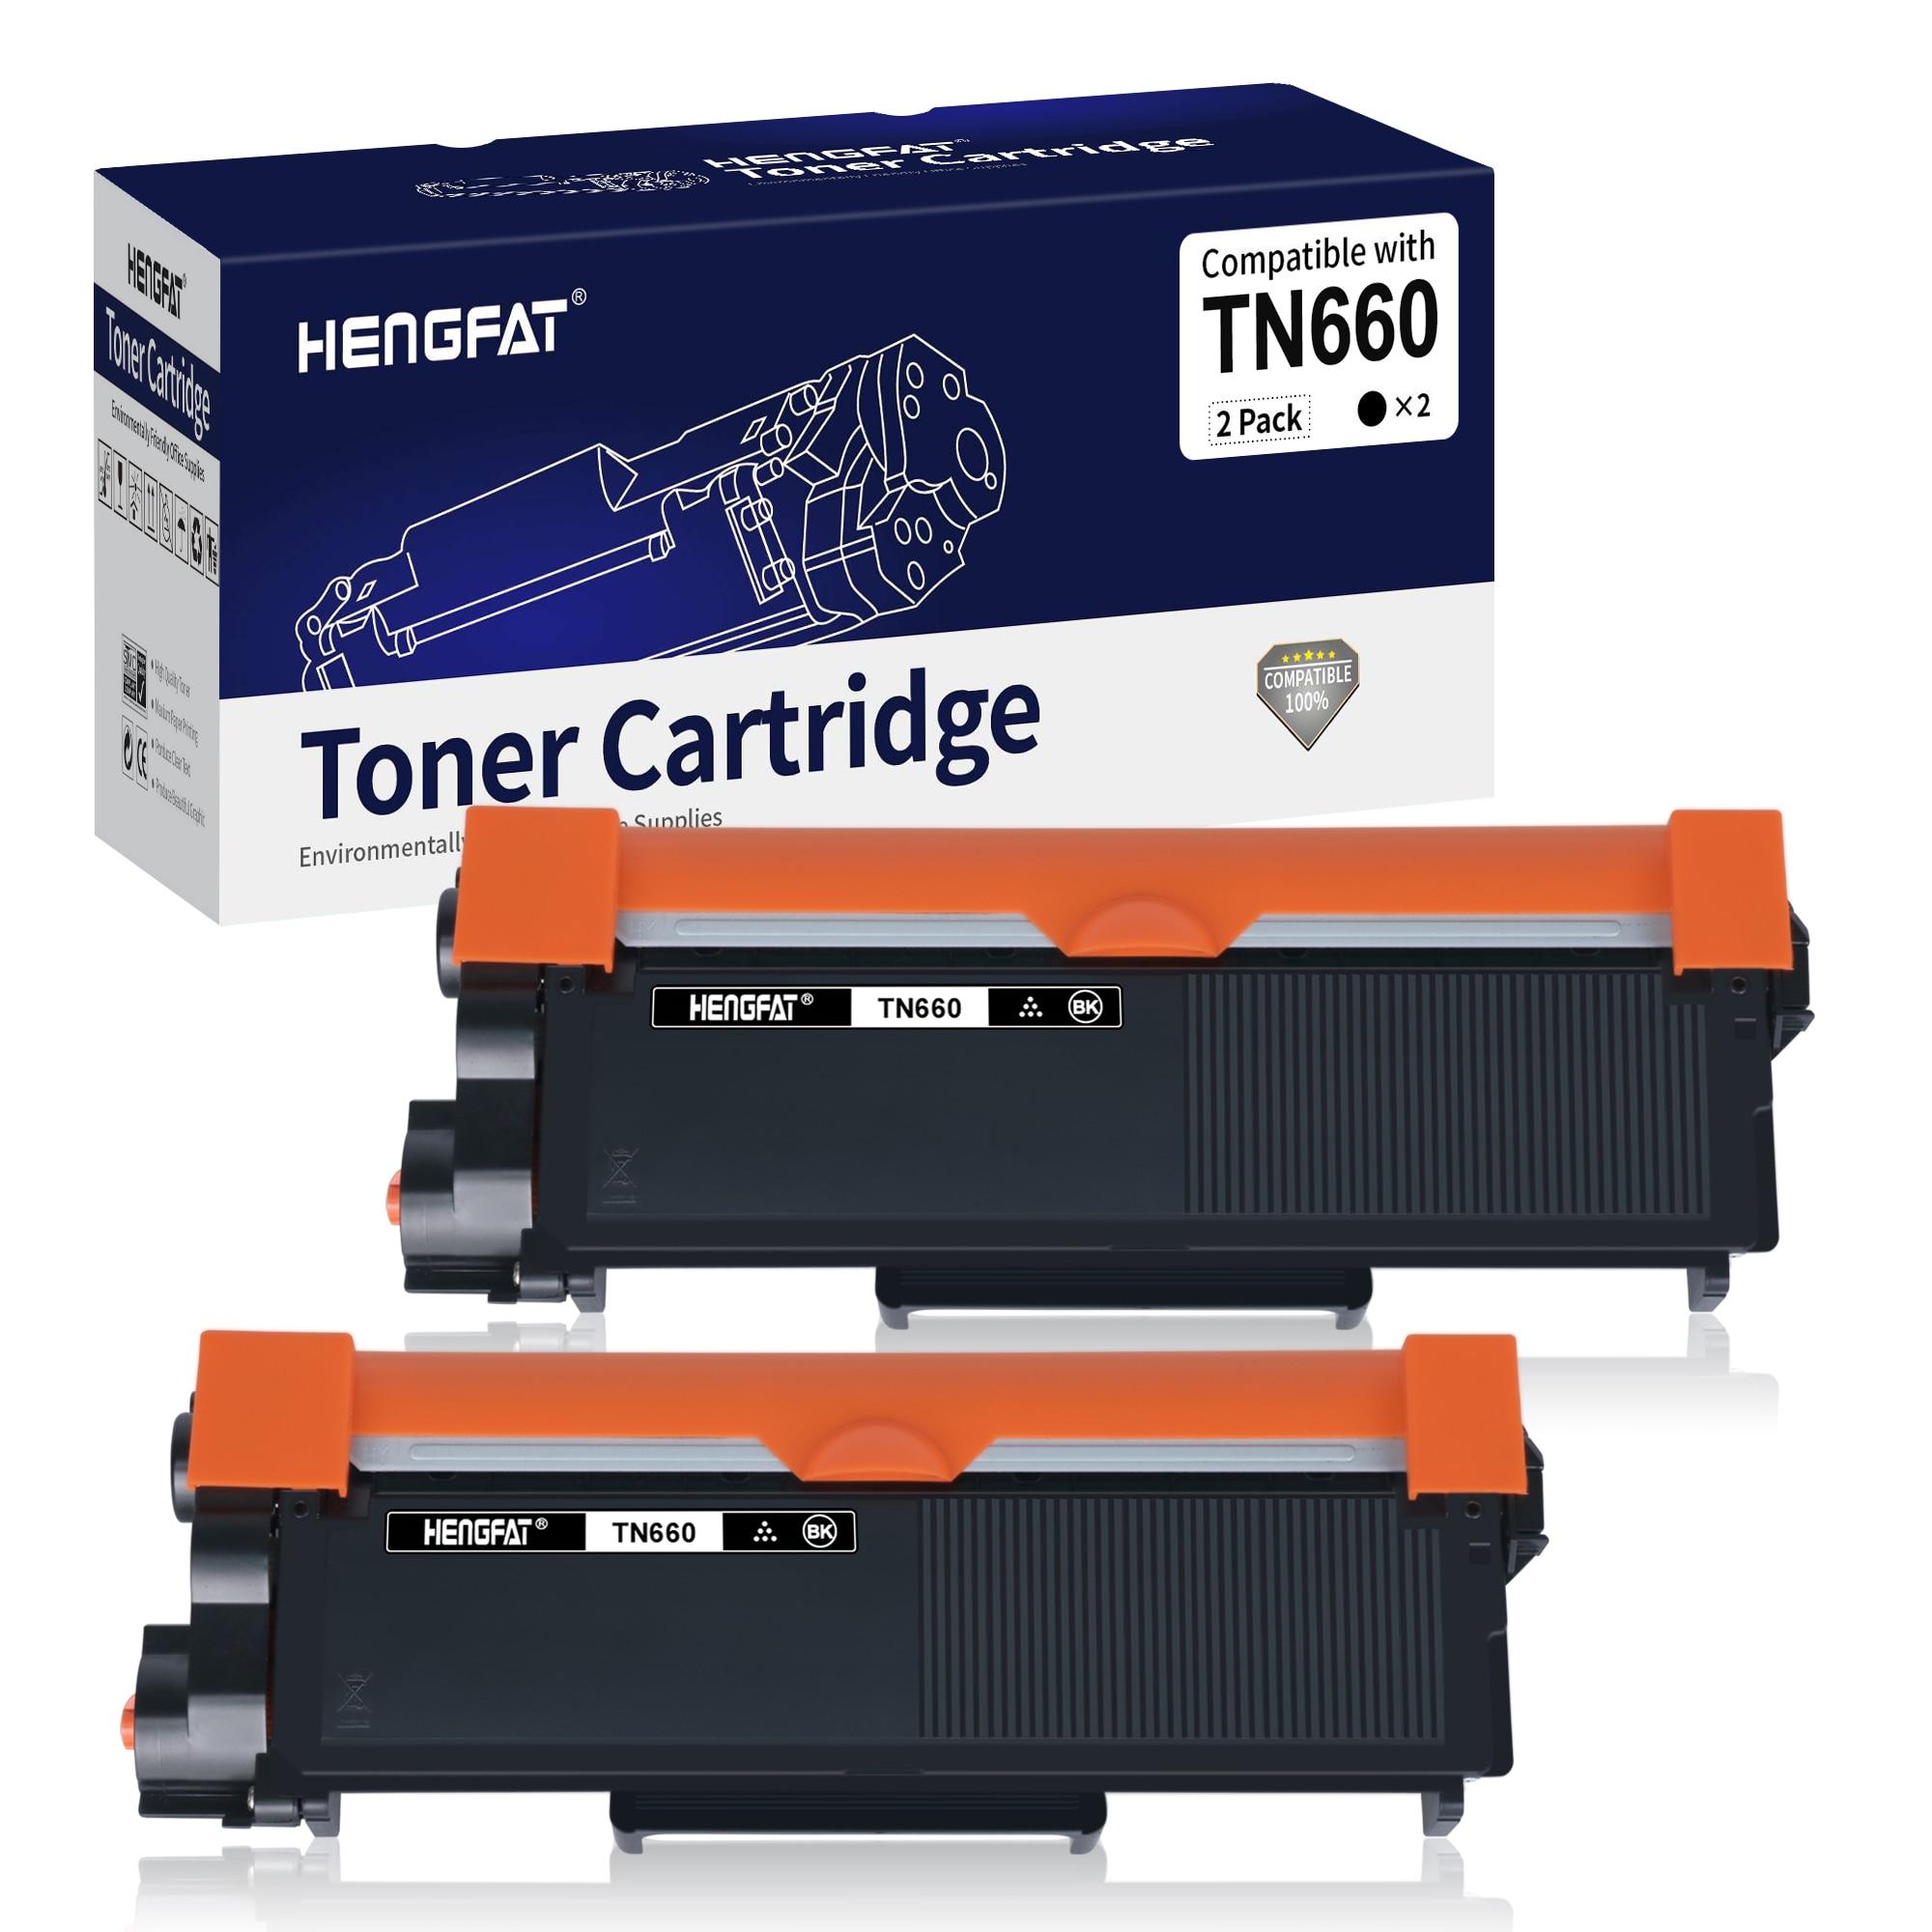 TN660 2 حزمة مسحوق حبر متوافق خرطوشة استبدال لأخيه TN-660 لاستخدام HL-L2300D HL-L2320D HL-L2340DW HL-L2360DW